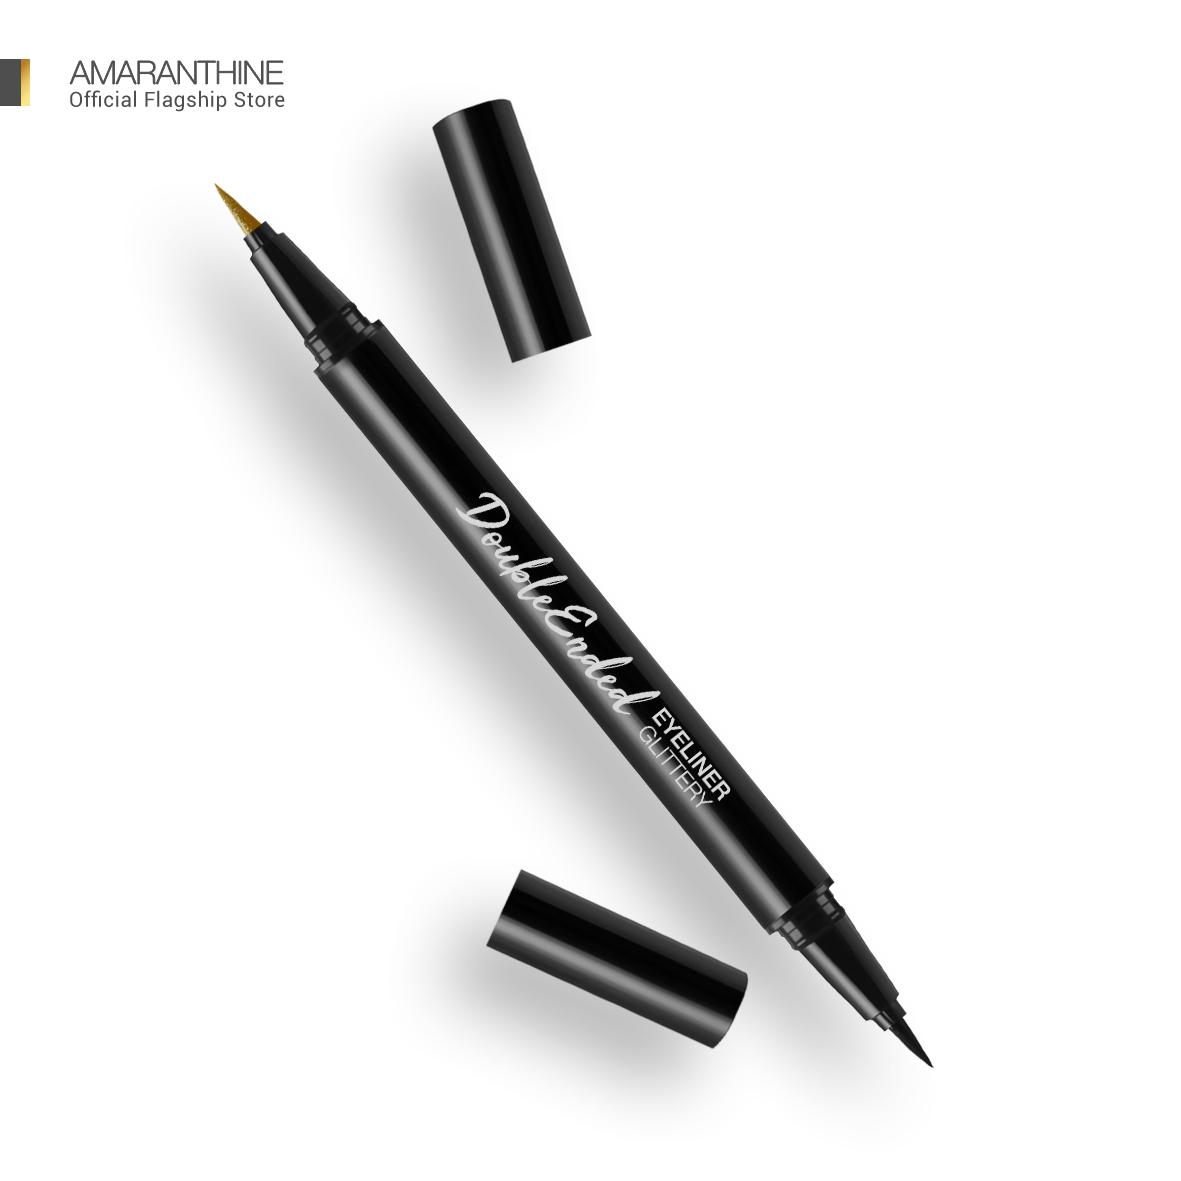 Amaranthine Double Ended Eyeliner Glitery - Black Gold thumbnail